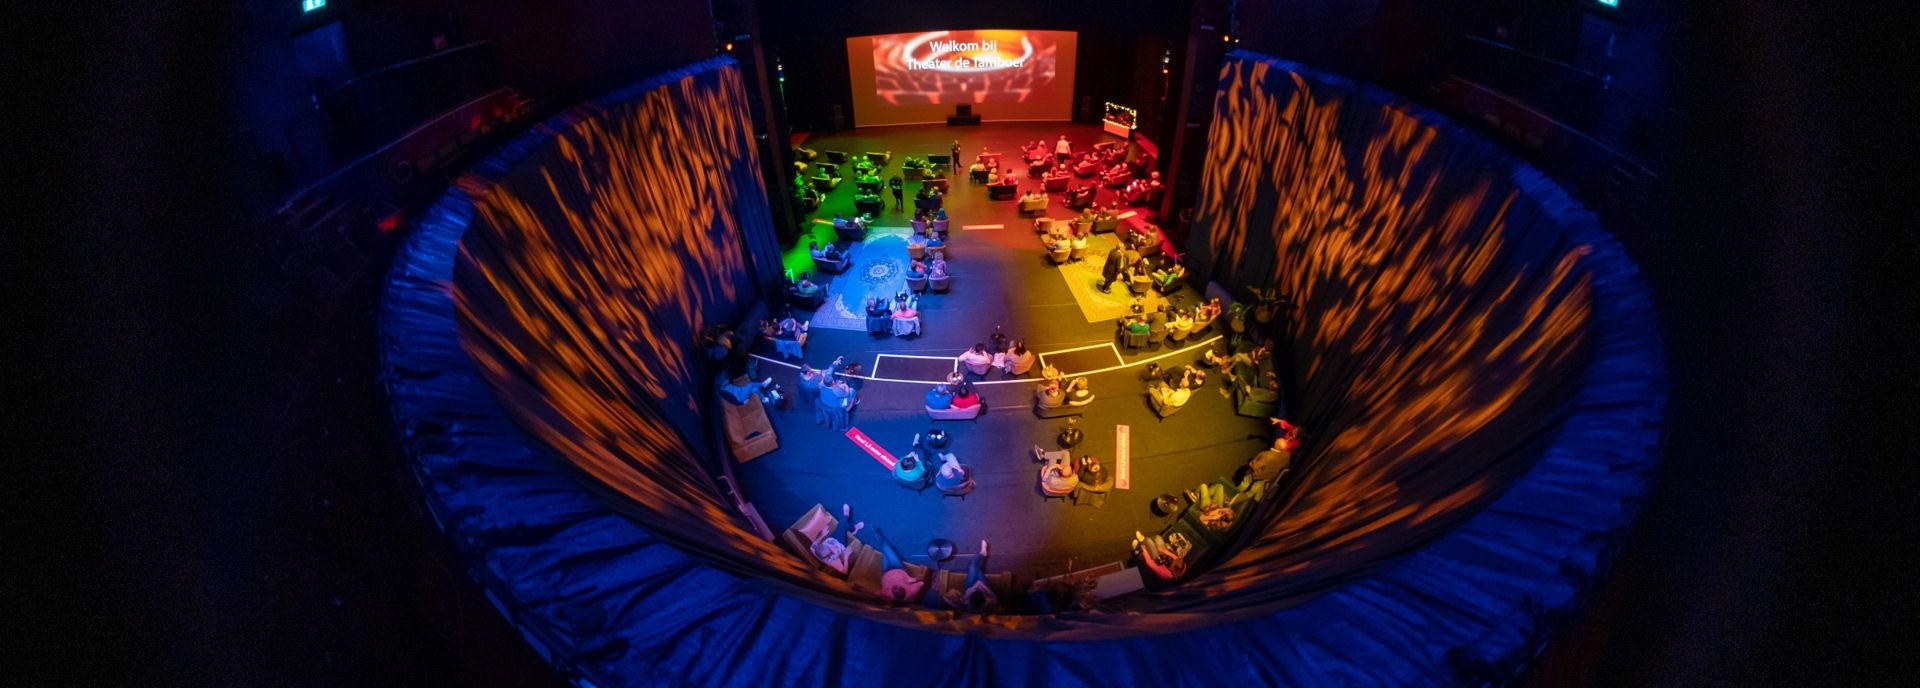 De Tamboerzaal is omgetoverd tot lounge met vier ingangen op kleur.